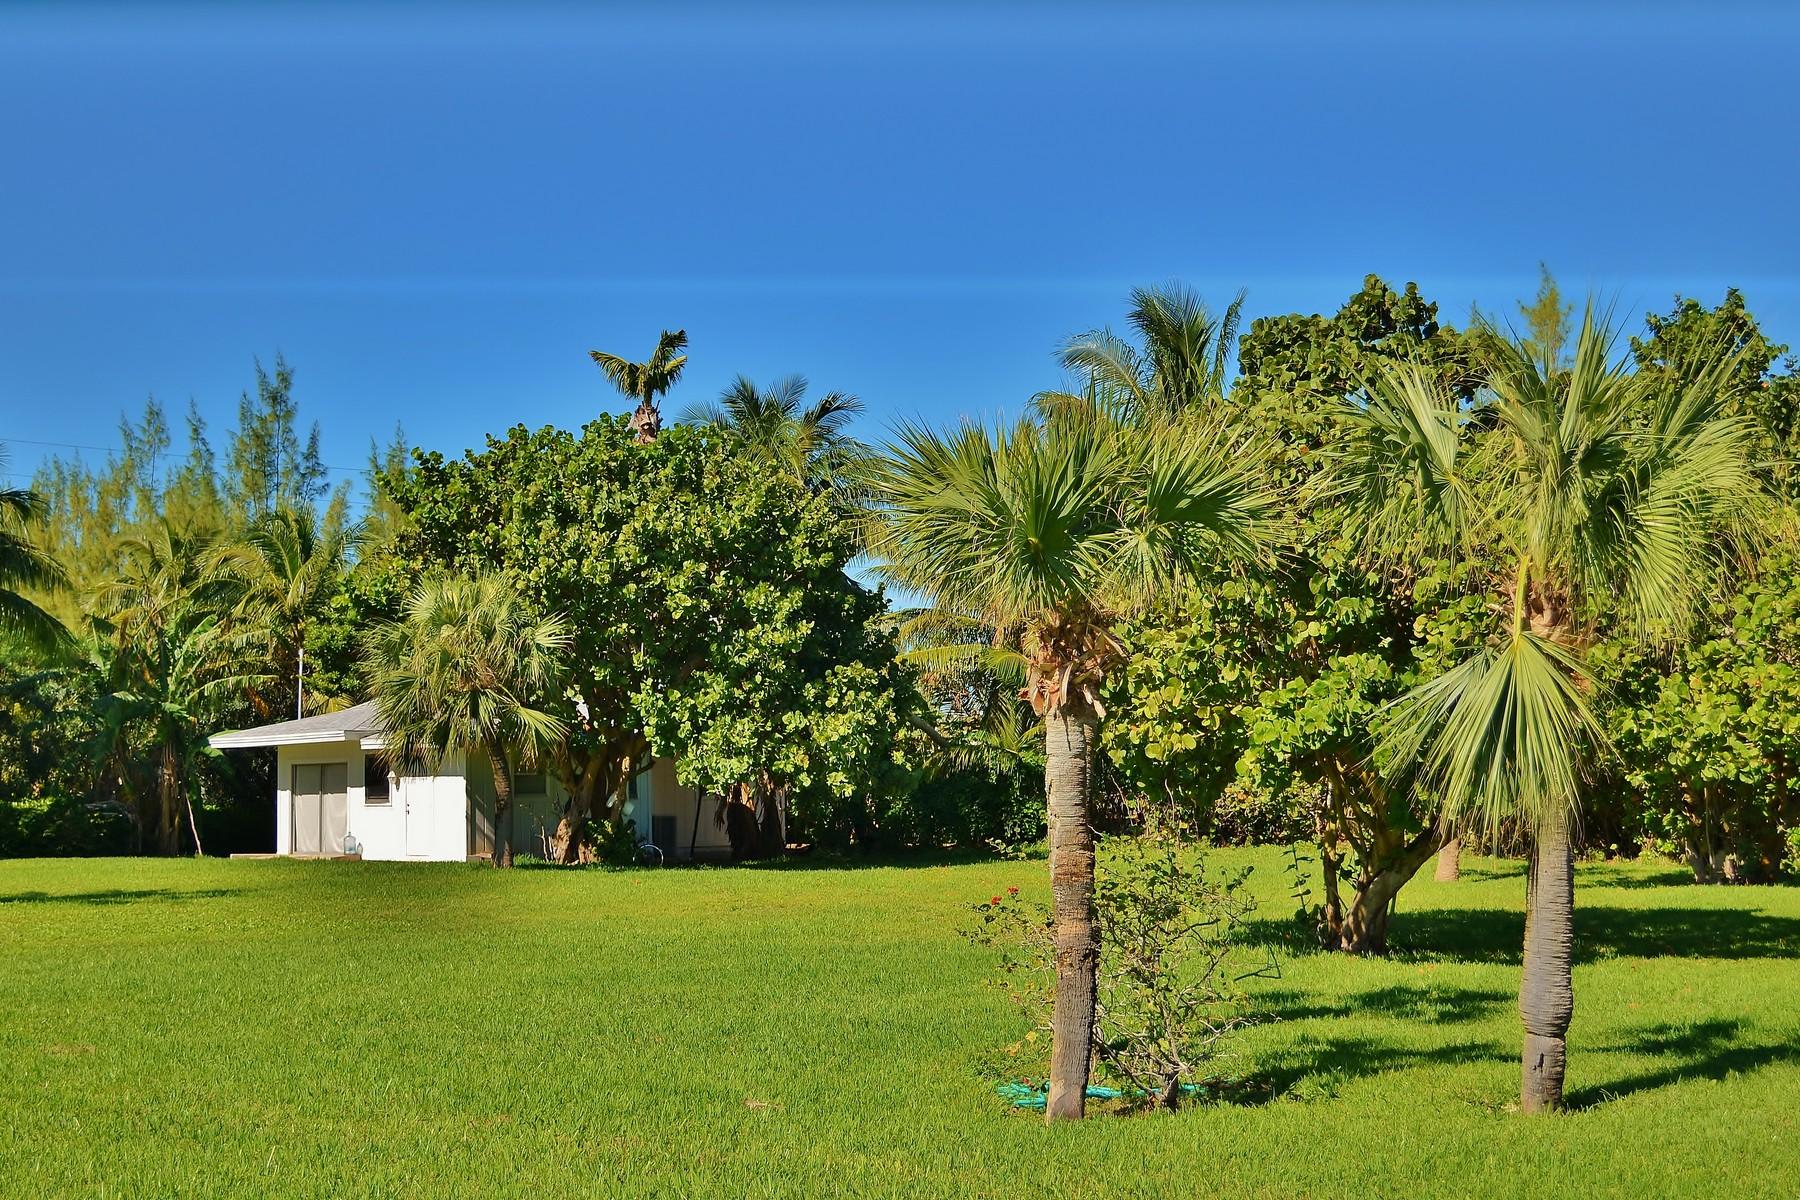 Tek Ailelik Ev için Satış at Serenity Lot Treasure Cay, Abaco, Bahamalar